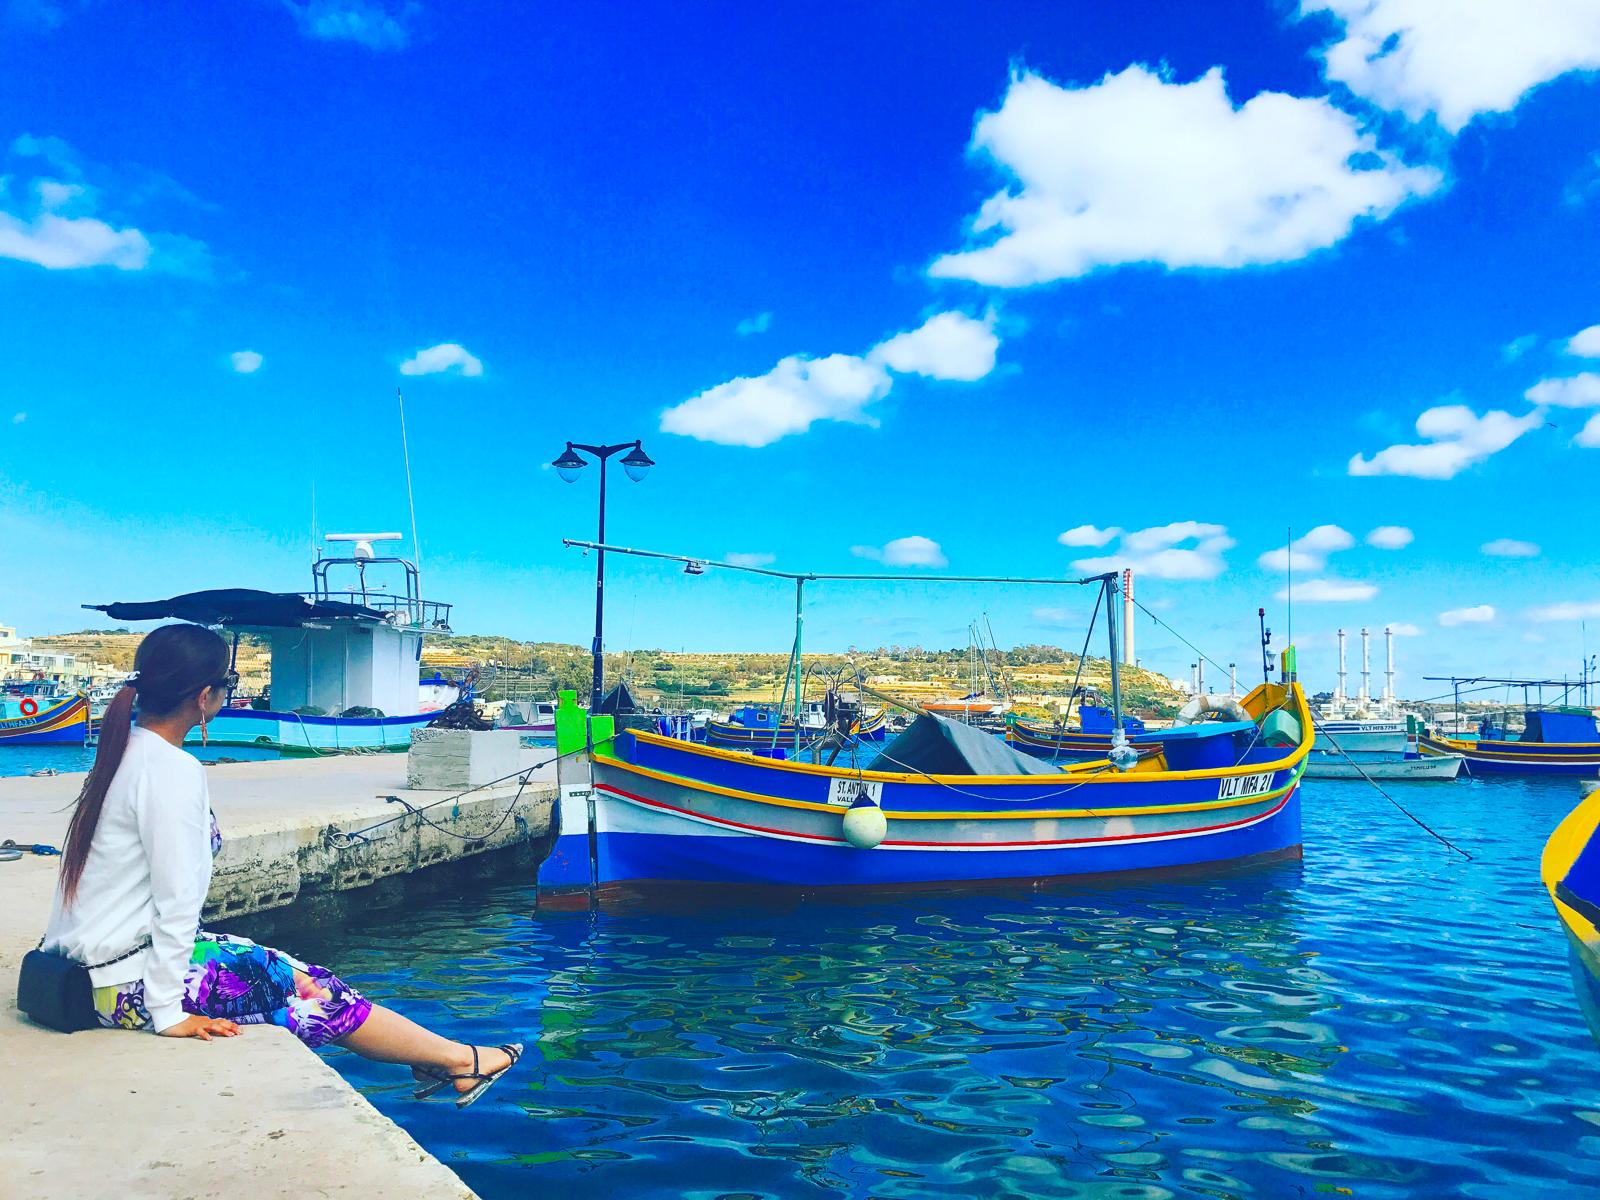 【マルサスロック】日曜朝市の行き方とオススメの魚介レストラン【マルタ共和国】